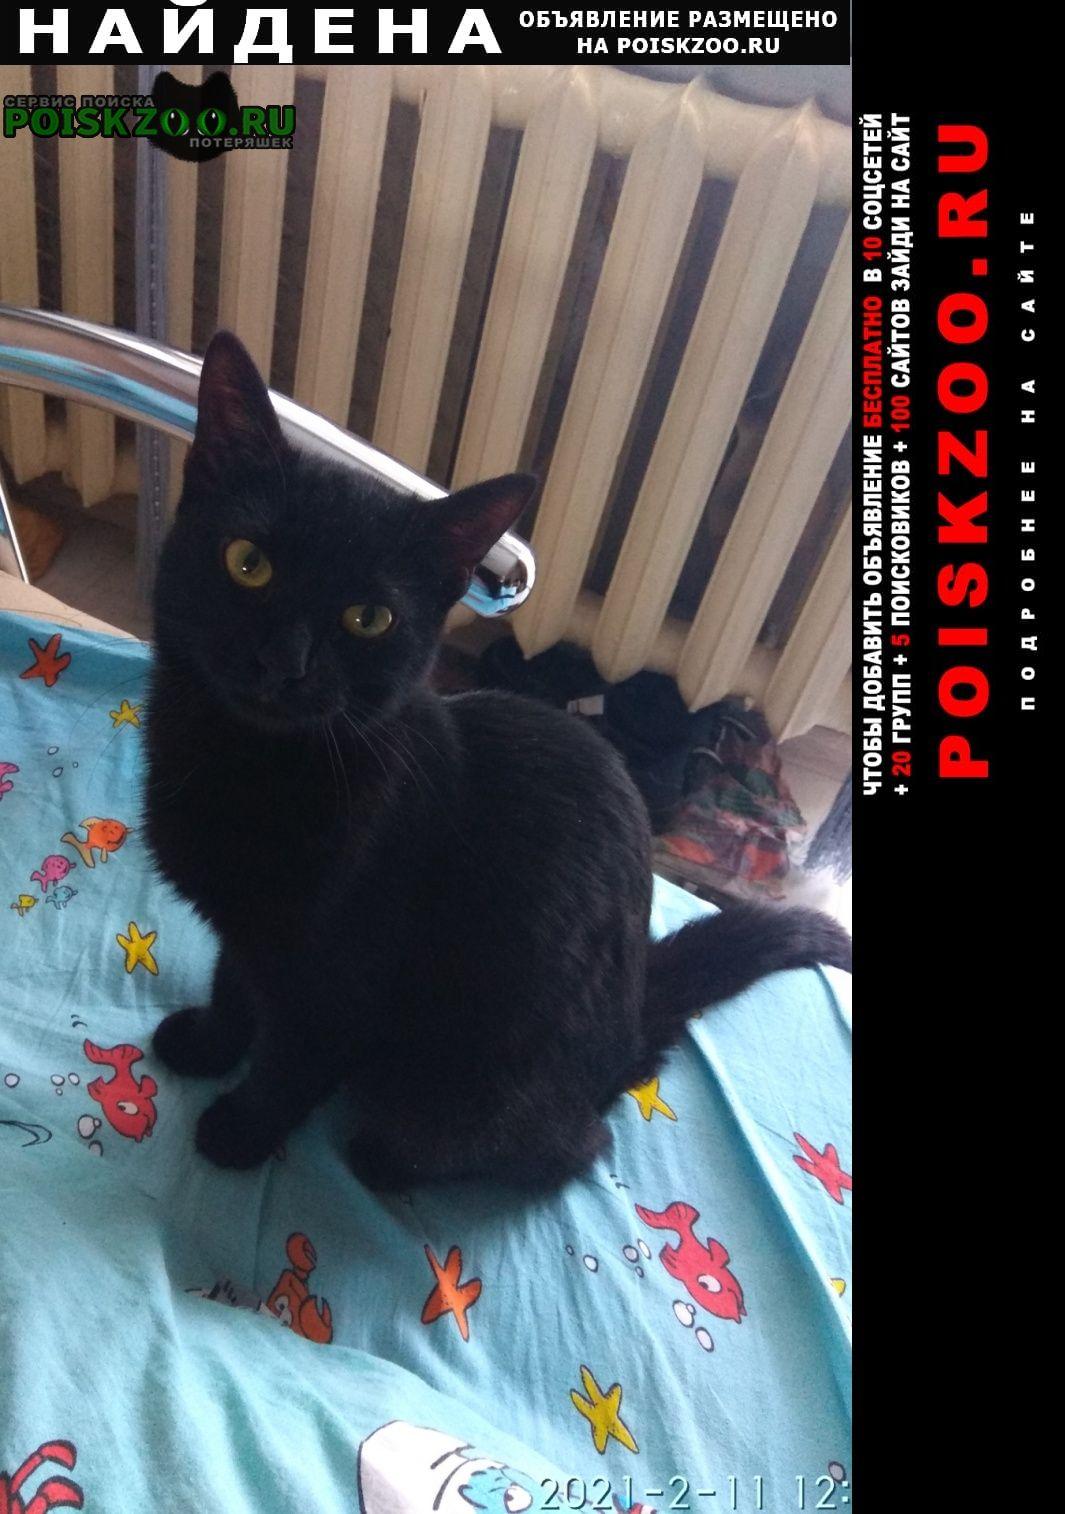 Найдена кошка черная Пермь